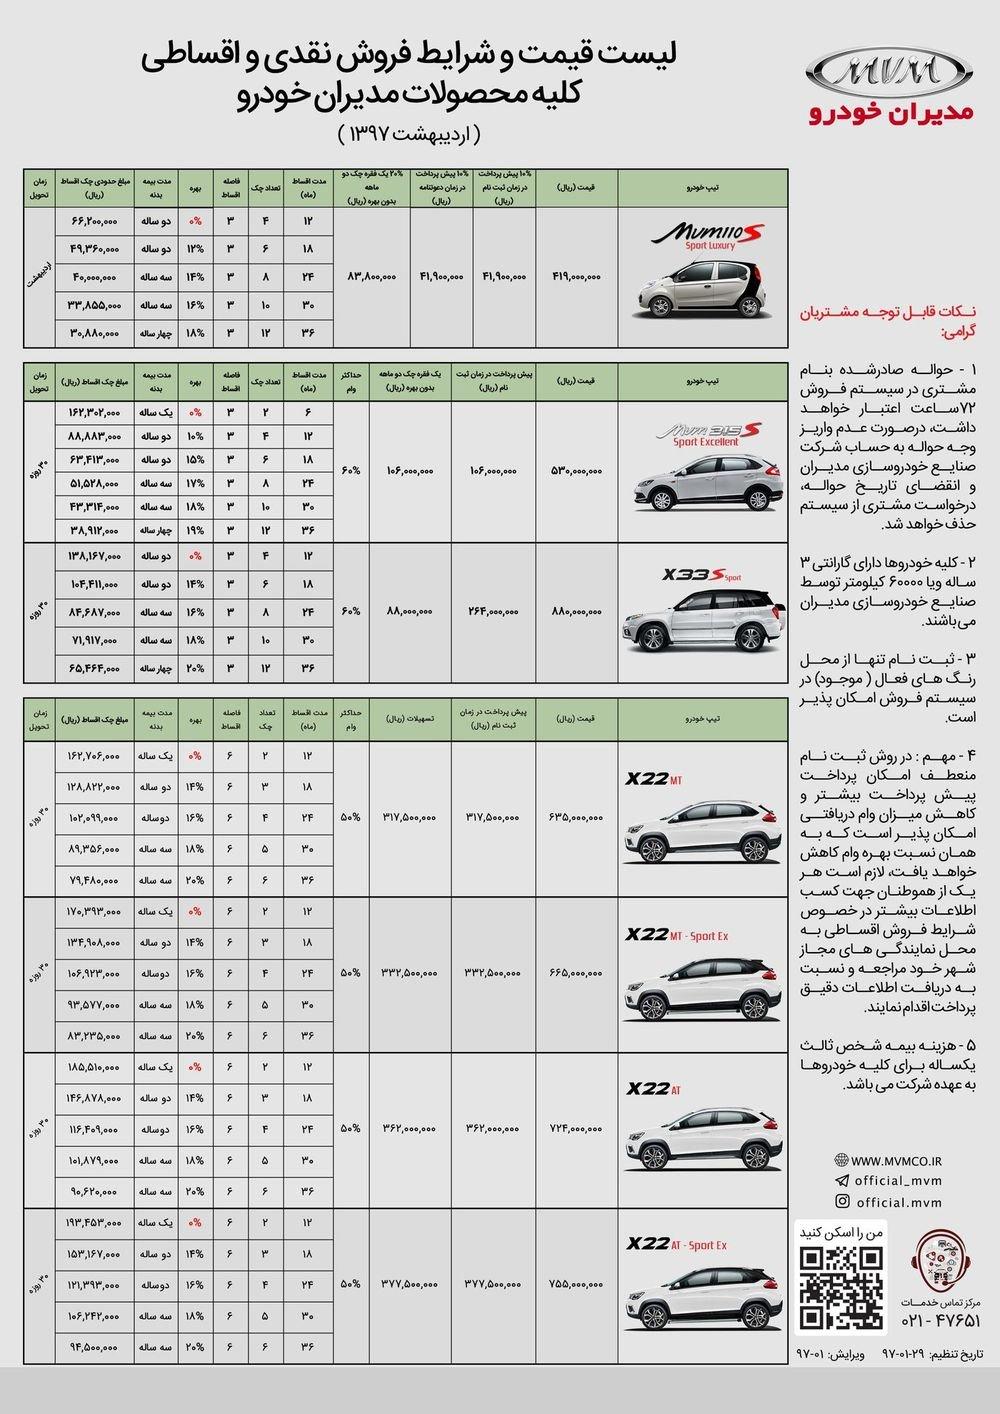 قیمت جدبد خودروهای ام وی ام MVM ایران